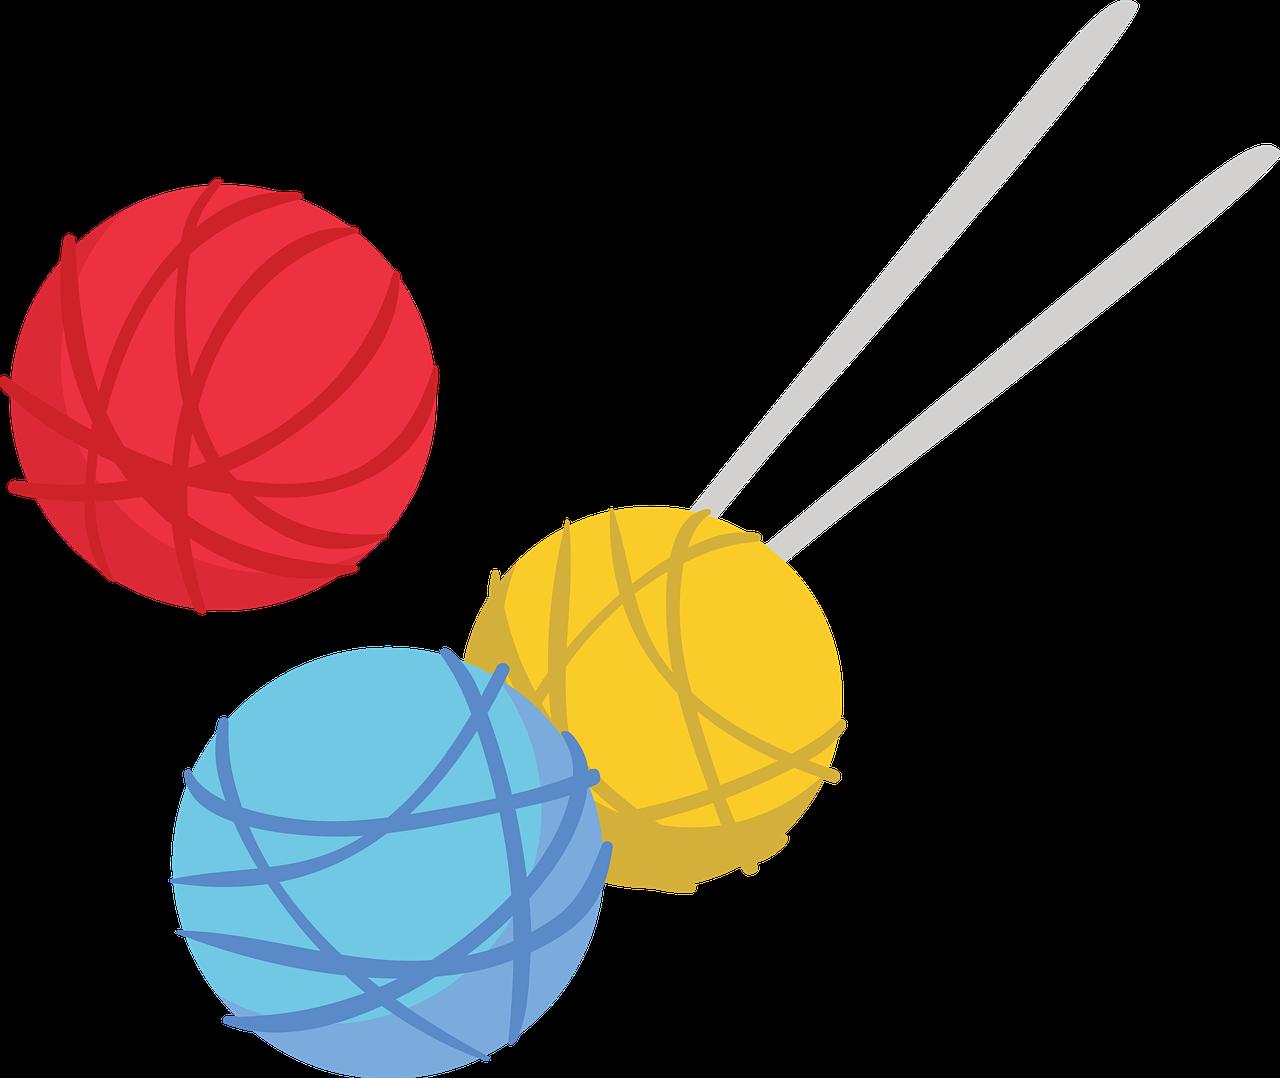 Wool Knitting Yarns Knit Needle  - ArtsyBeeKids / Pixabay